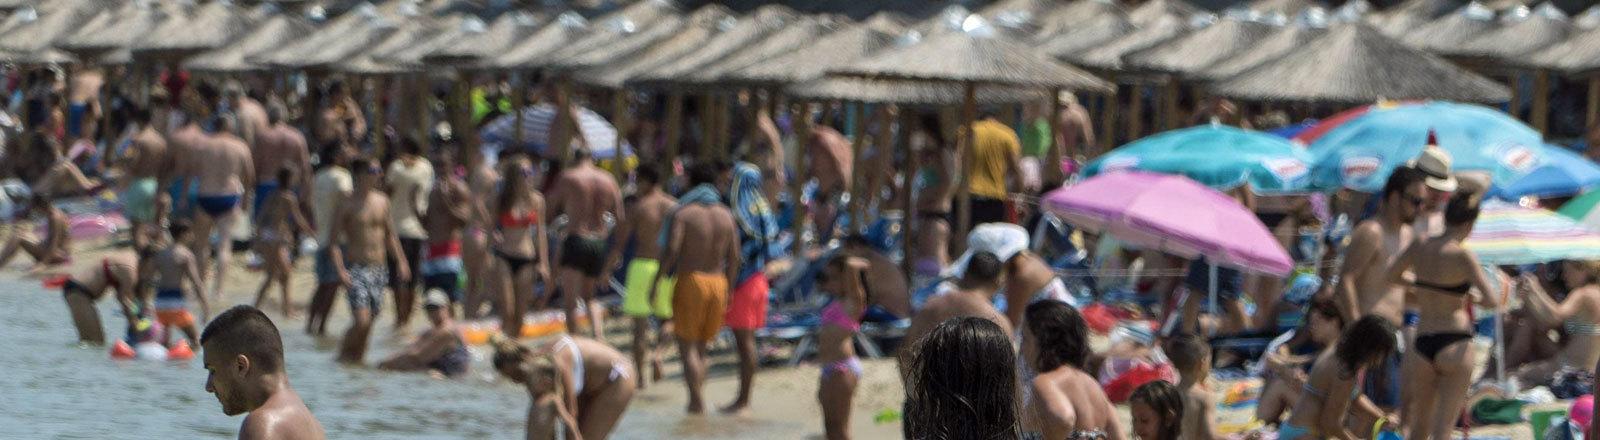 Zu viel Touristen am Strand in Griechenland